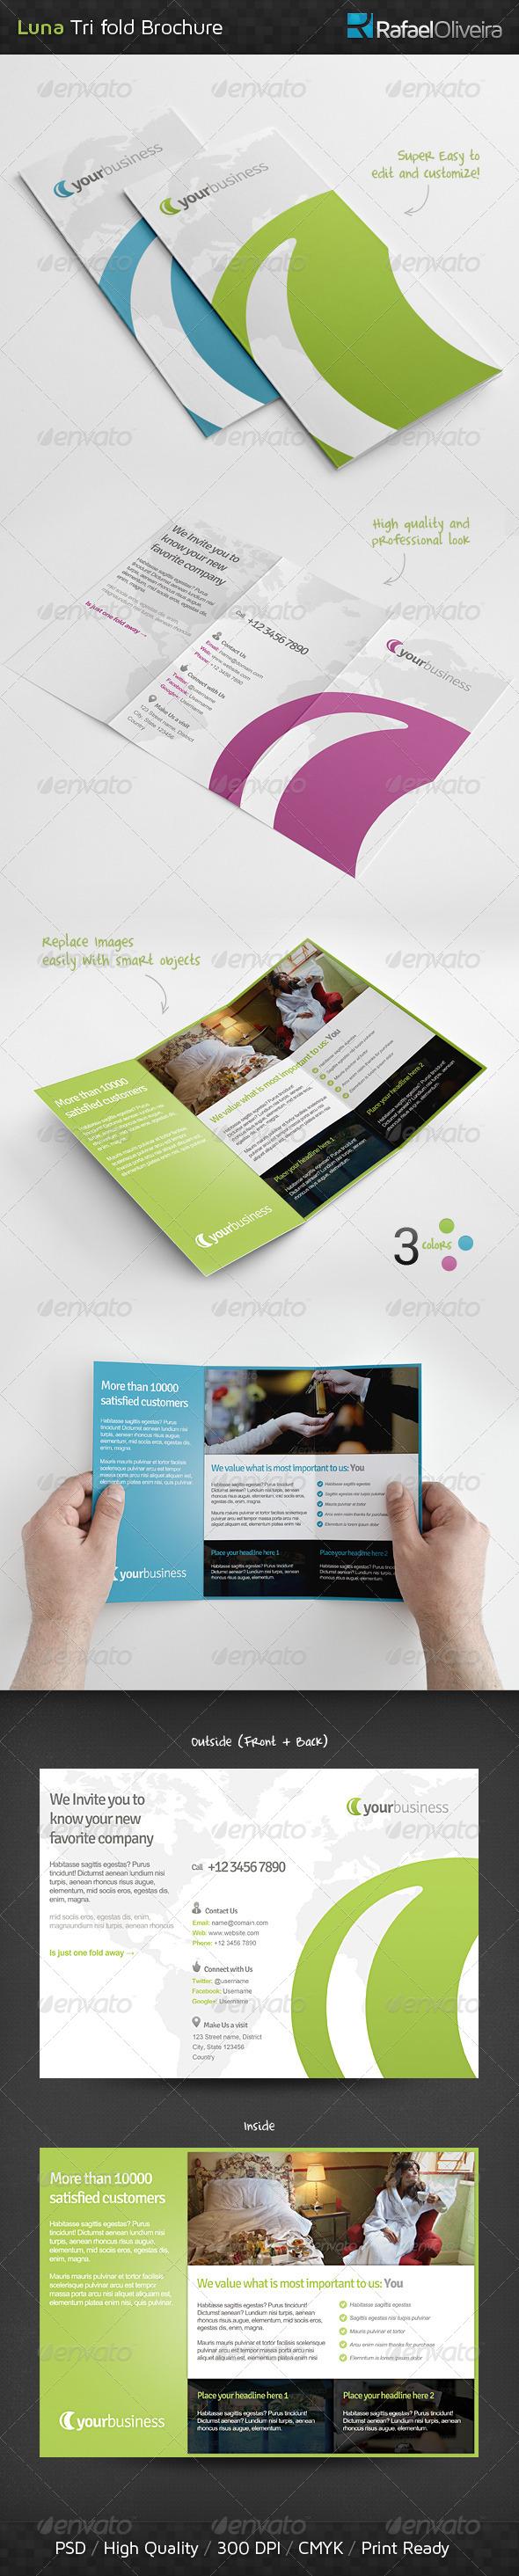 Luna Tri Fold Brochure - Corporate Brochures